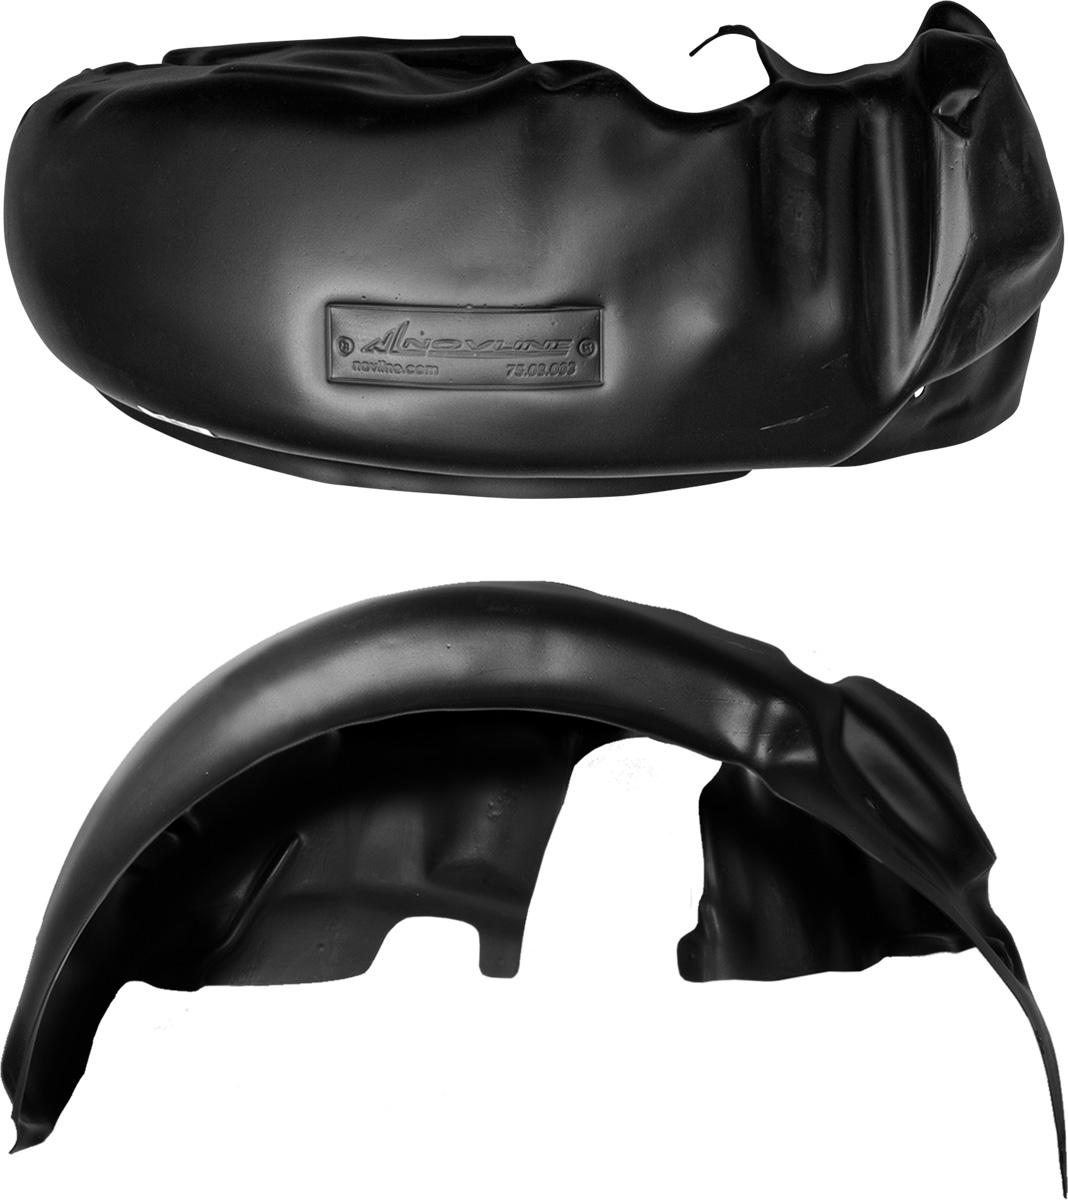 Подкрылок Novline-Autofamily, для Fiat Ducato, 2006-2012, передний левыйIRK-503Колесные ниши - одни из самых уязвимых зон днища вашего автомобиля. Они постоянно подвергаются воздействию со стороны дороги. Лучшая, почти абсолютная защита для них - специально отформованные пластиковые кожухи, которые называются подкрылками. Производятся они как для отечественных моделей автомобилей, так и для иномарок. Подкрылки Novline-Autofamily выполнены из высококачественного, экологически чистого пластика. Обеспечивают надежную защиту кузова автомобиля от пескоструйного эффекта и негативного влияния, агрессивных антигололедных реагентов. Пластик обладает более низкой теплопроводностью, чем металл, поэтому в зимний период эксплуатации использование пластиковых подкрылков позволяет лучше защитить колесные ниши от налипания снега и образования наледи. Оригинальность конструкции подчеркивает элегантность автомобиля, бережно защищает нанесенное на днище кузова антикоррозийное покрытие и позволяет осуществить крепление подкрылков внутри колесной арки практически без дополнительного крепежа и сверления, не нарушая при этом лакокрасочного покрытия, что предотвращает возникновение новых очагов коррозии. Подкрылки долговечны, обладают высокой прочностью и сохраняют заданную форму, а также все свои физико-механические характеристики в самых тяжелых климатических условиях (от -50°С до +50°С).Уважаемые клиенты!Обращаем ваше внимание, на тот факт, что подкрылок имеет форму, соответствующую модели данного автомобиля. Фото служит для визуального восприятия товара.